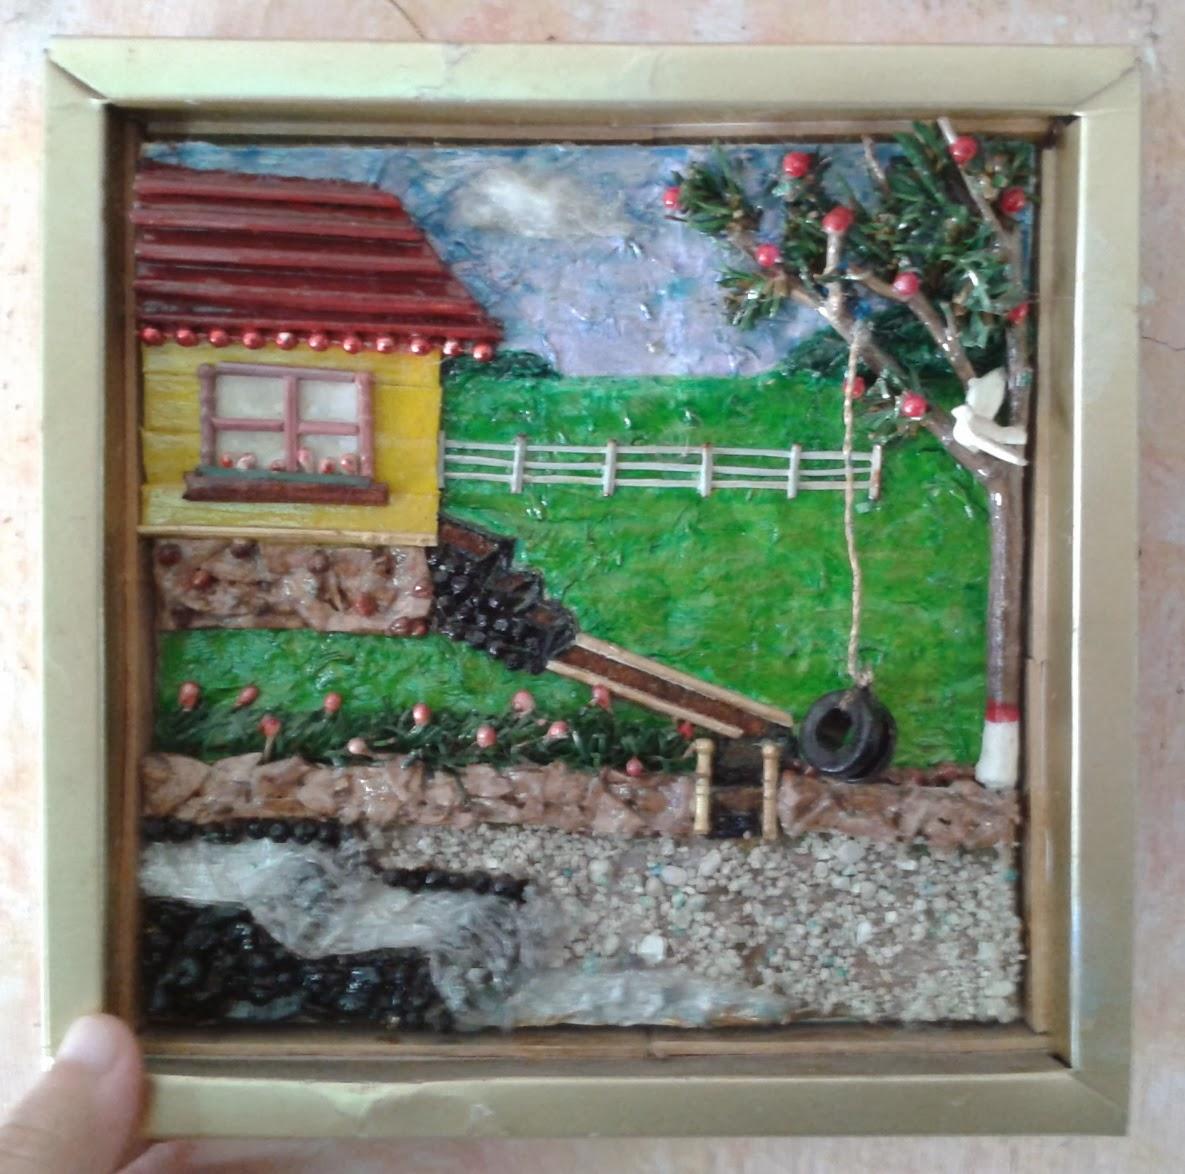 Cuadro en relieve hecho con materiales reciclados - Como hacer cuadros caseros ...